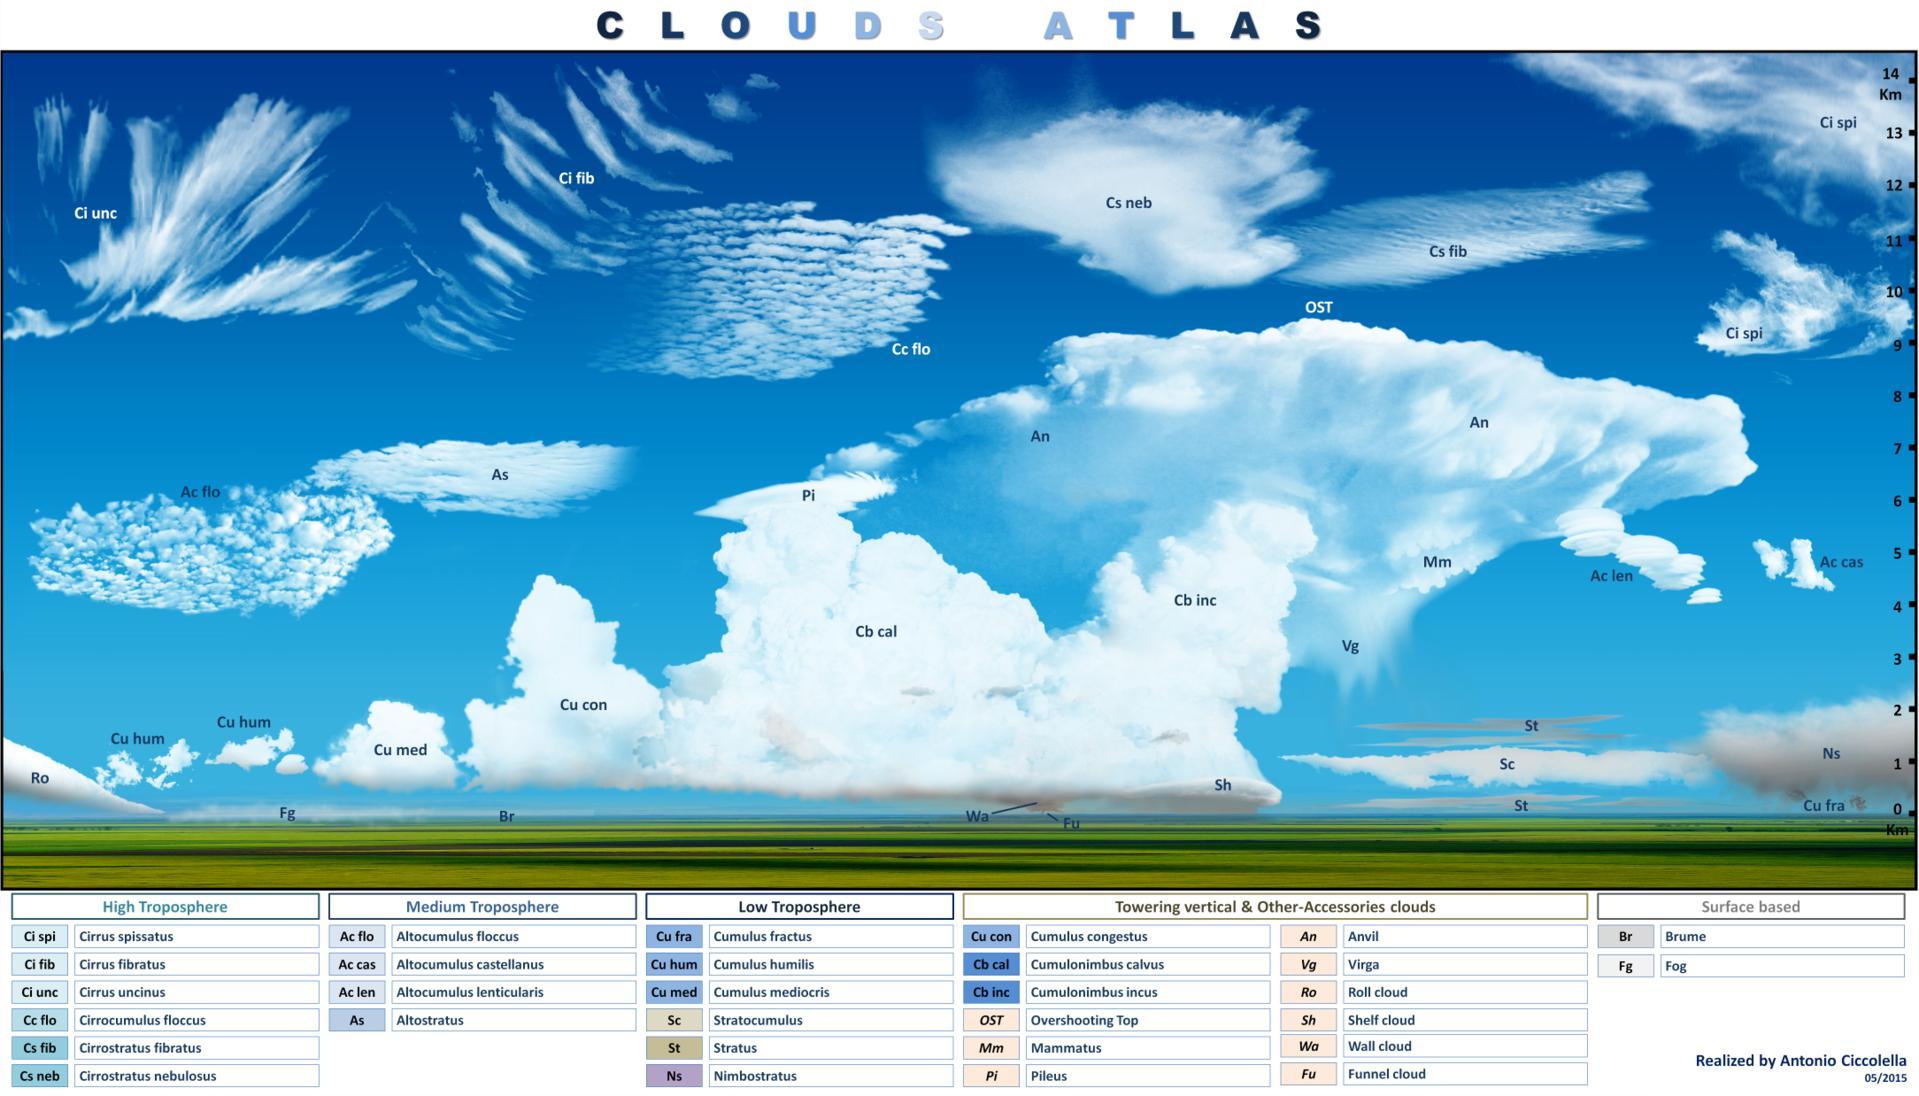 Where Do Aerodynamical Contrails Get Their Condensation